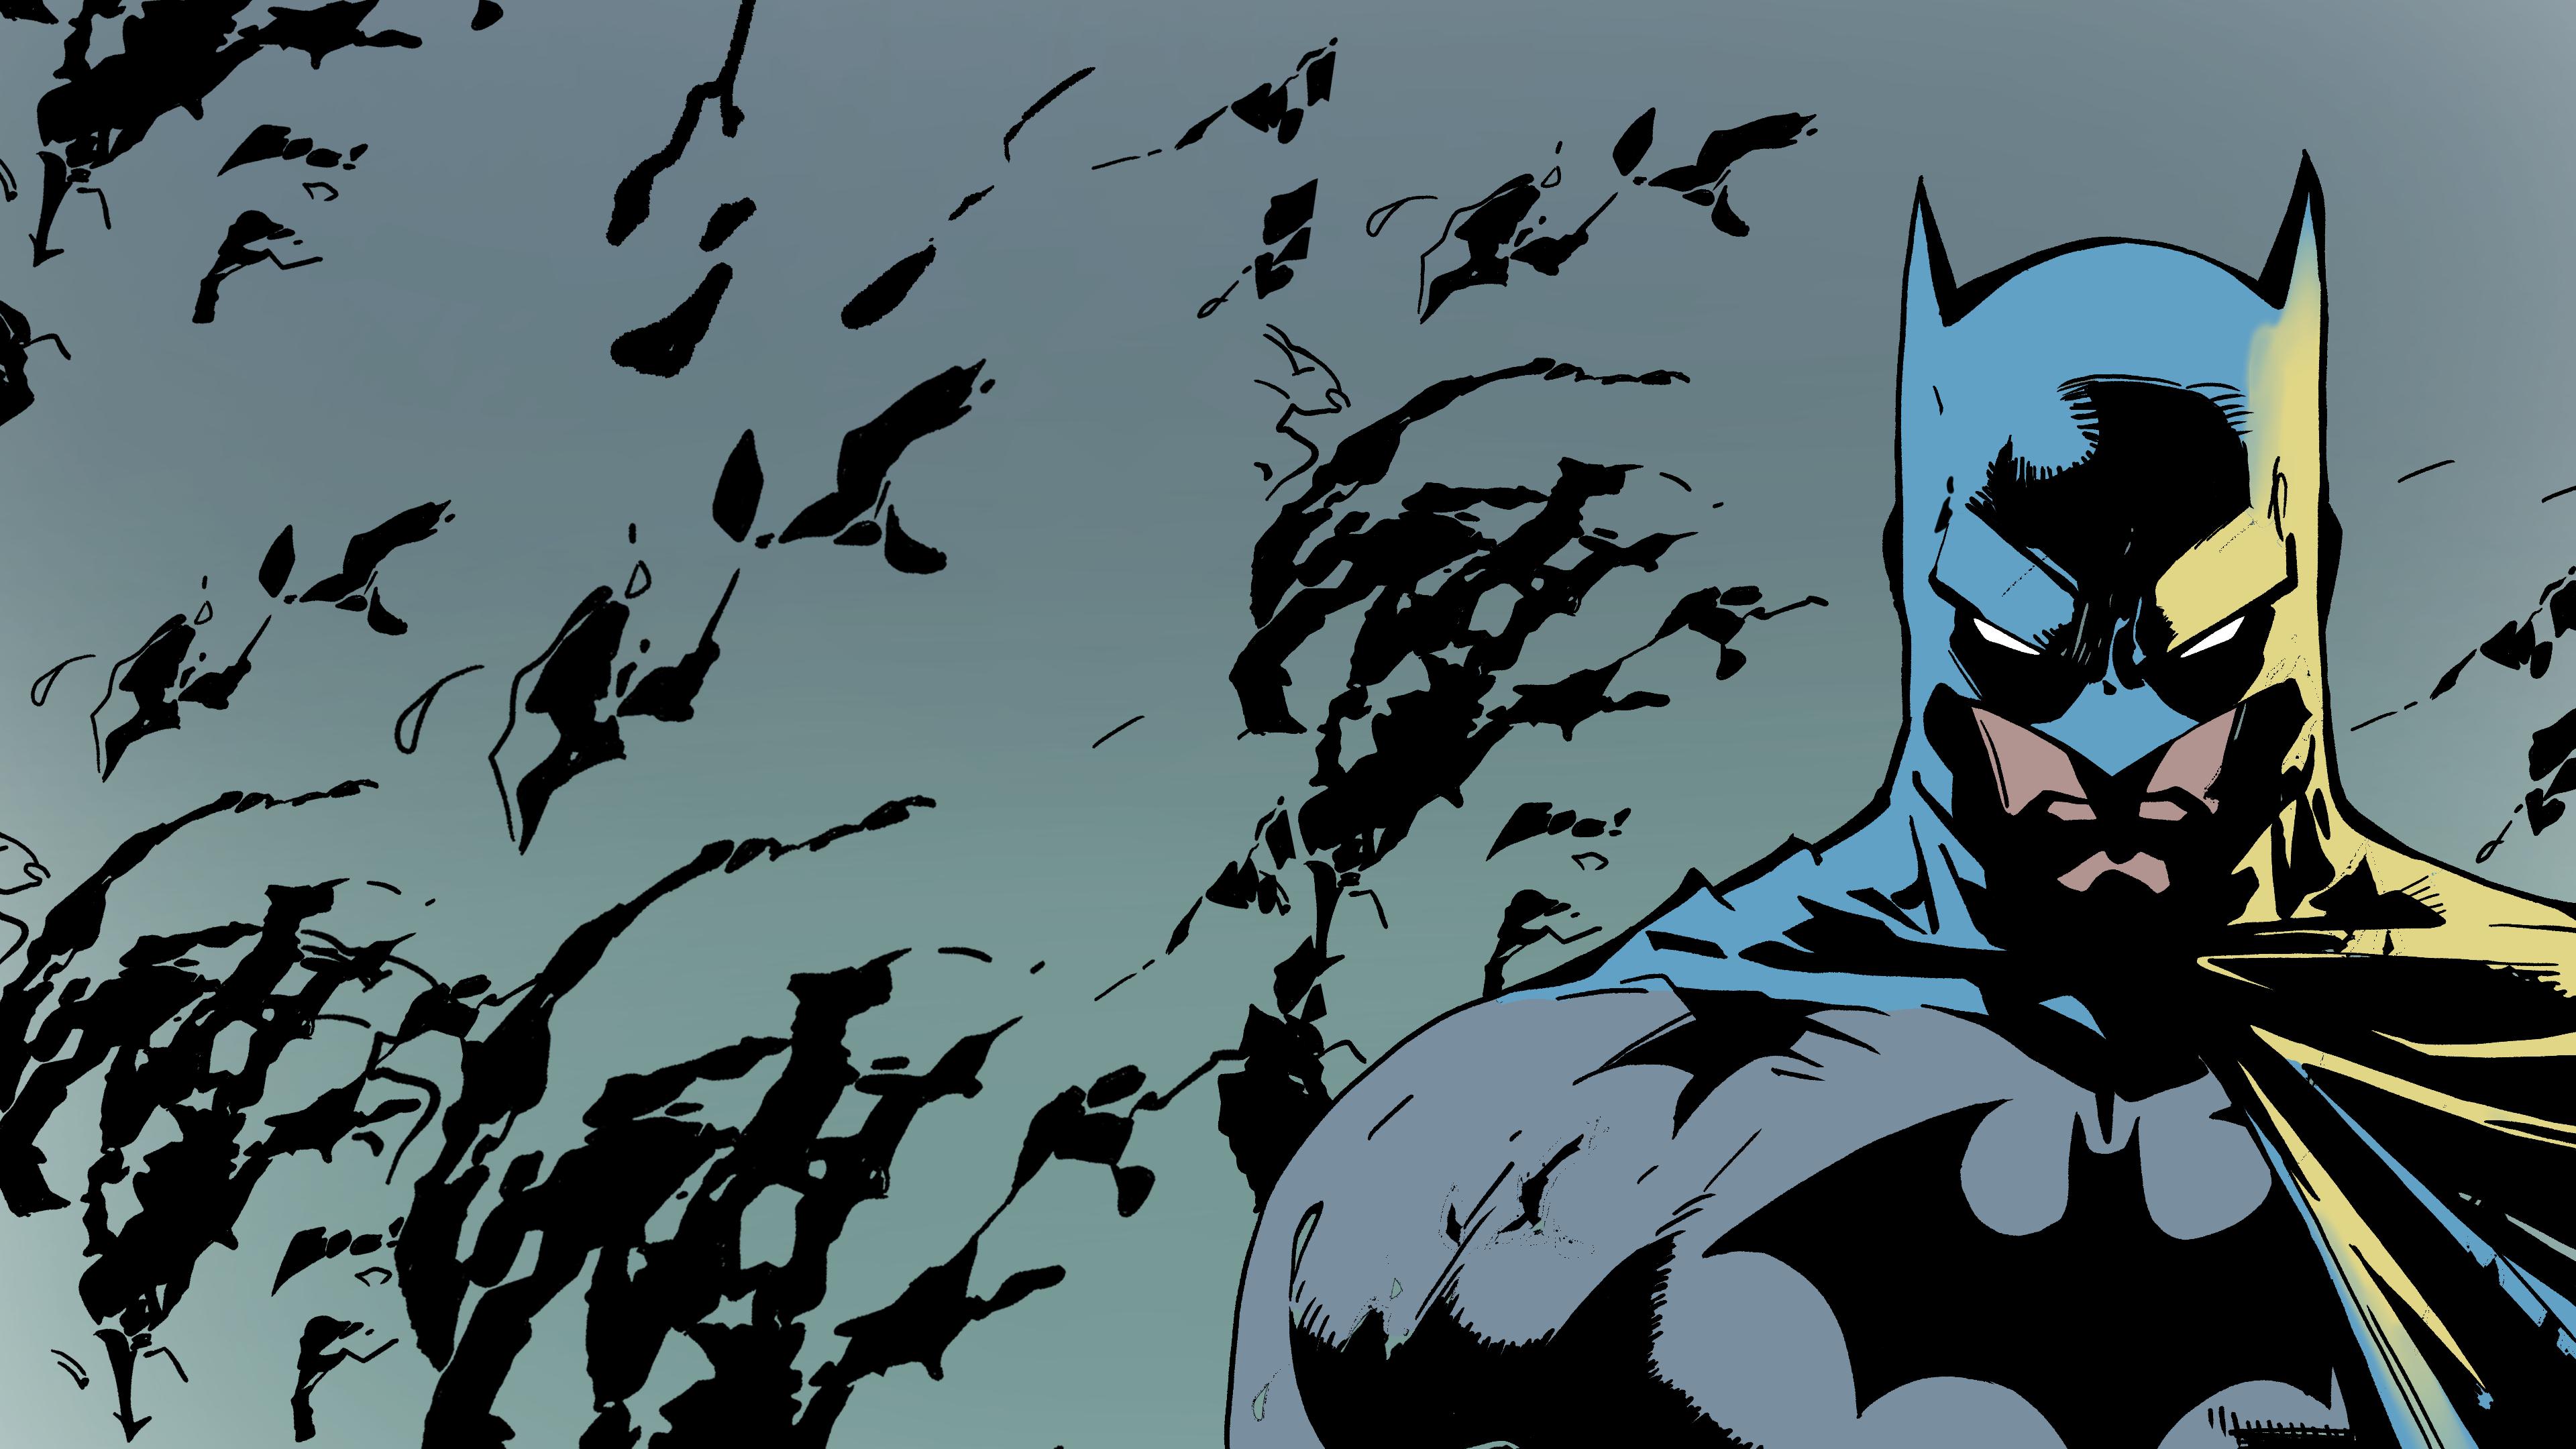 Batman Dc Comics 3840x2160